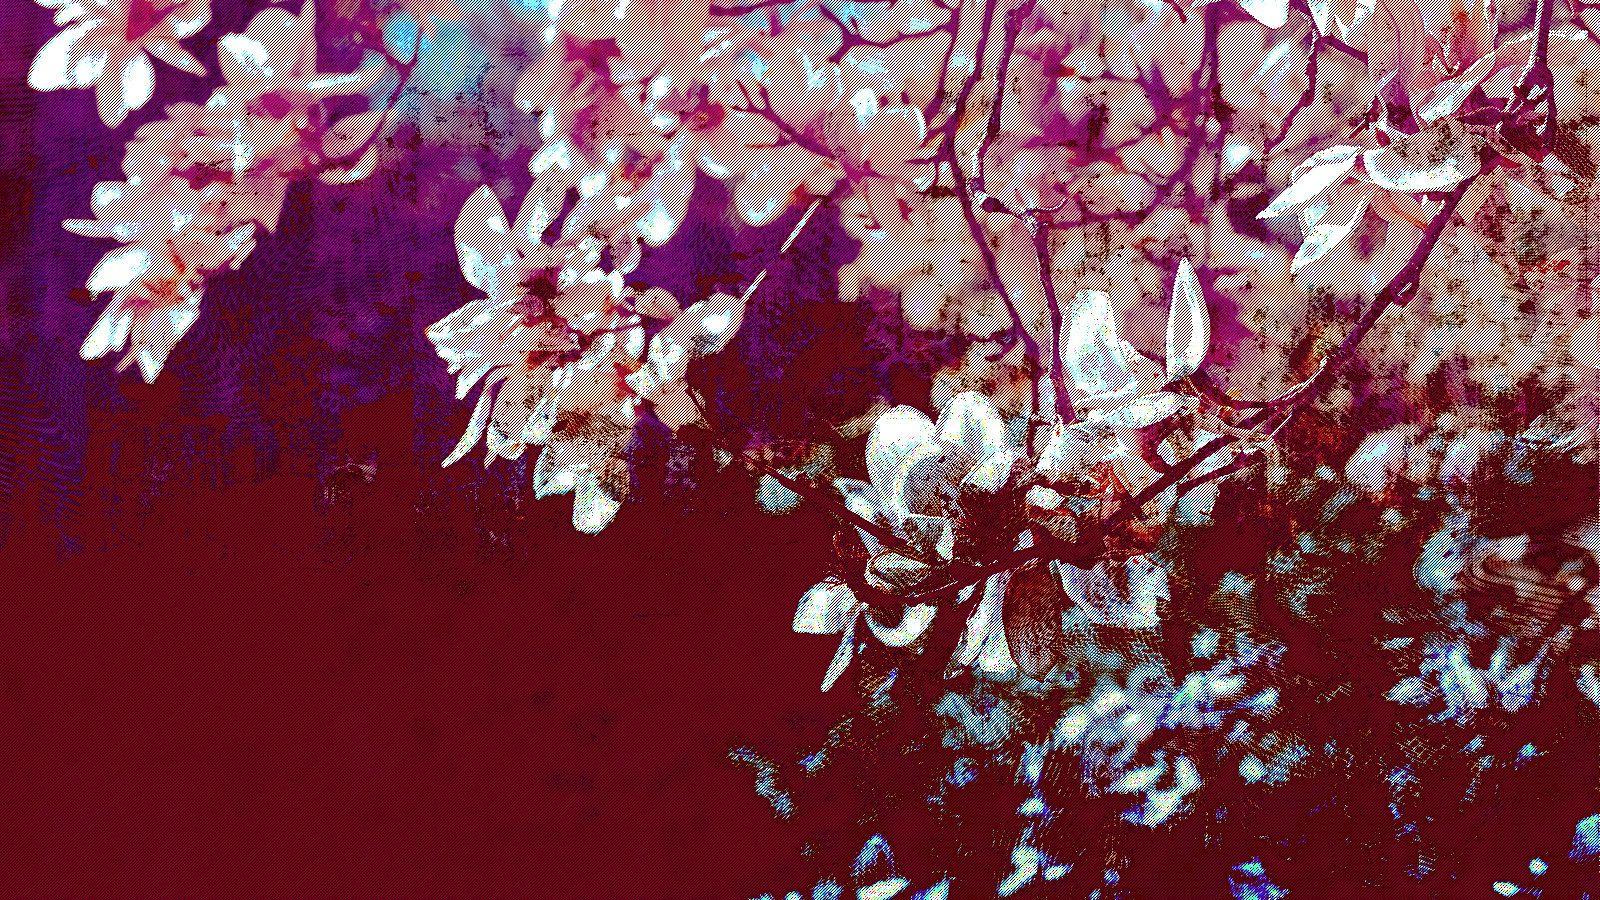 Lovely Cherry Blossom wallpaper | 2560x1600 | #23207